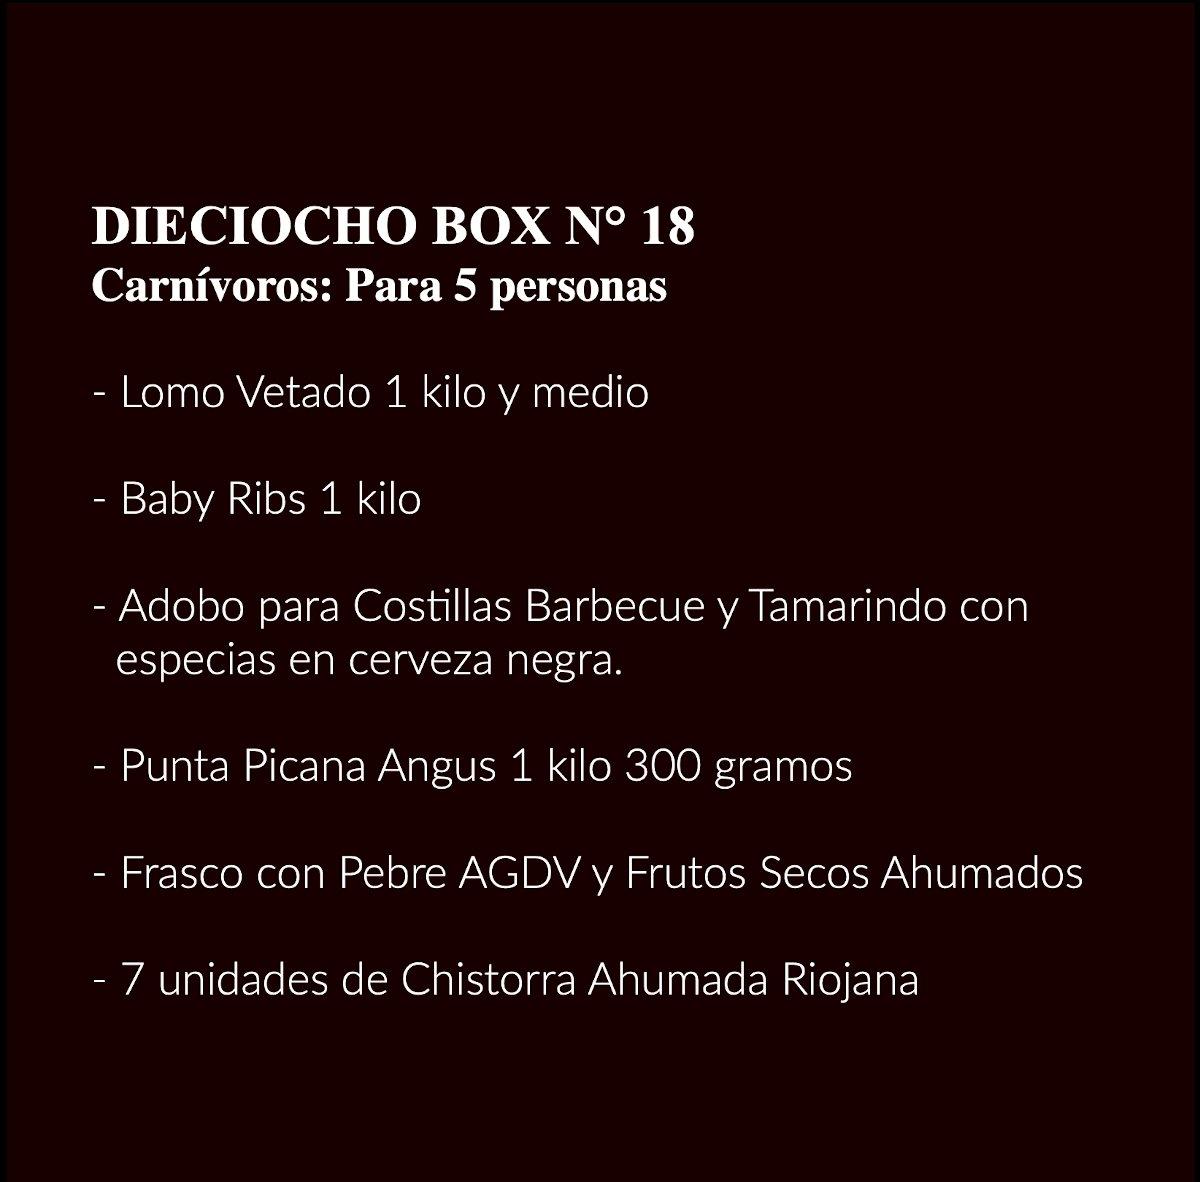 Carnivoros Box 18 Contenidos